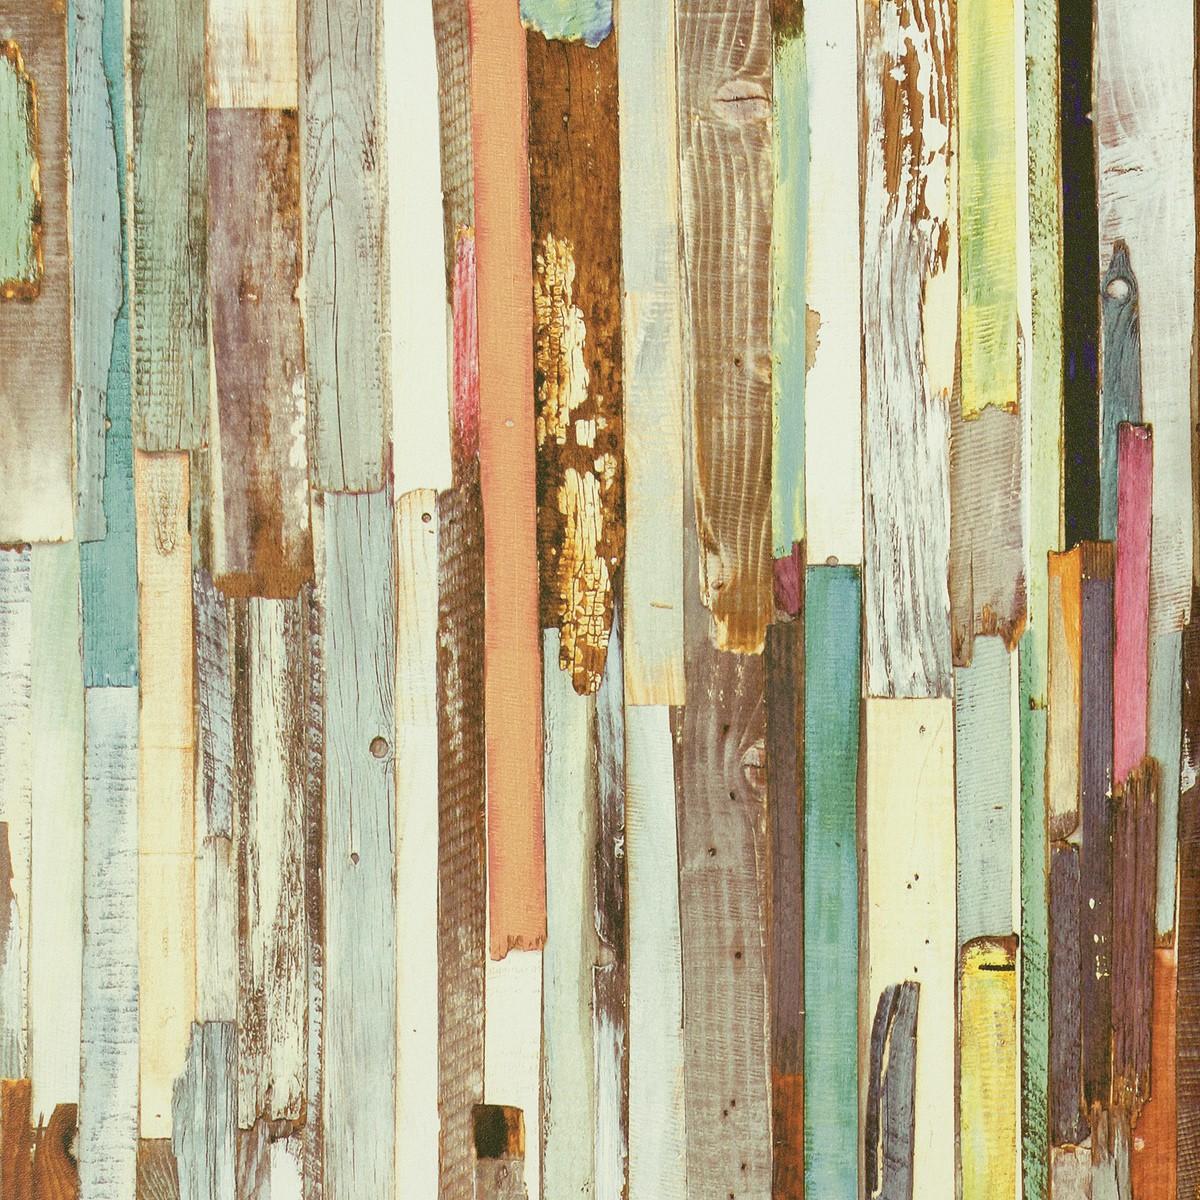 rasch textil tapete holzoptik bunt tapeten newage 319919 ebay. Black Bedroom Furniture Sets. Home Design Ideas